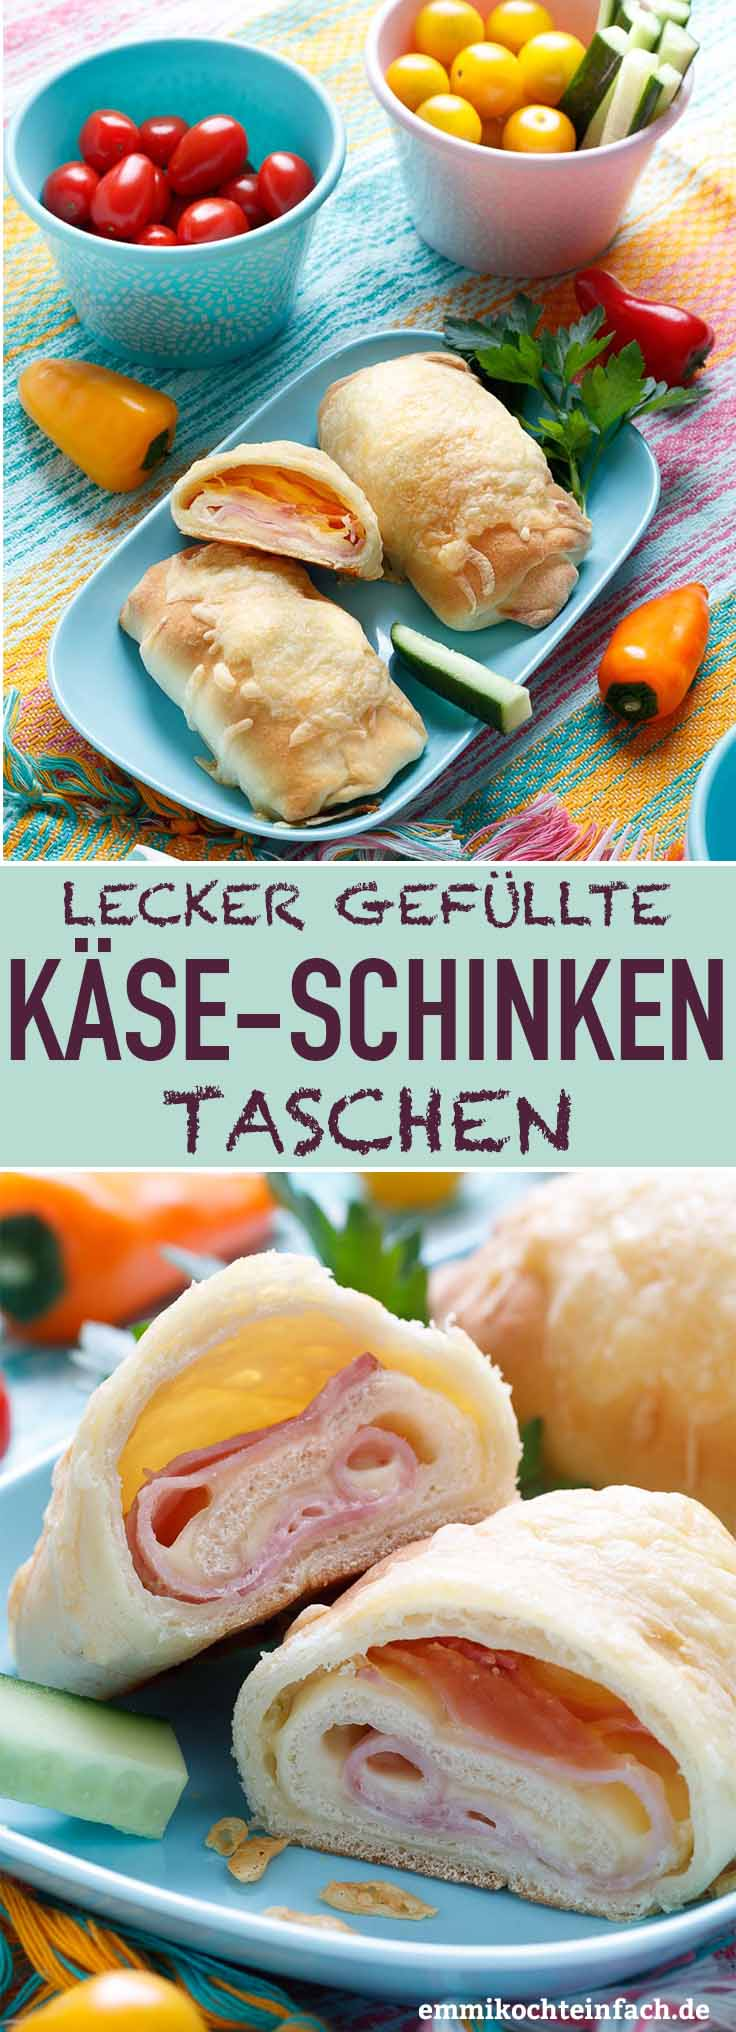 Gefüllte Käse-Schinken Taschen - www.emmikochteinfach.de